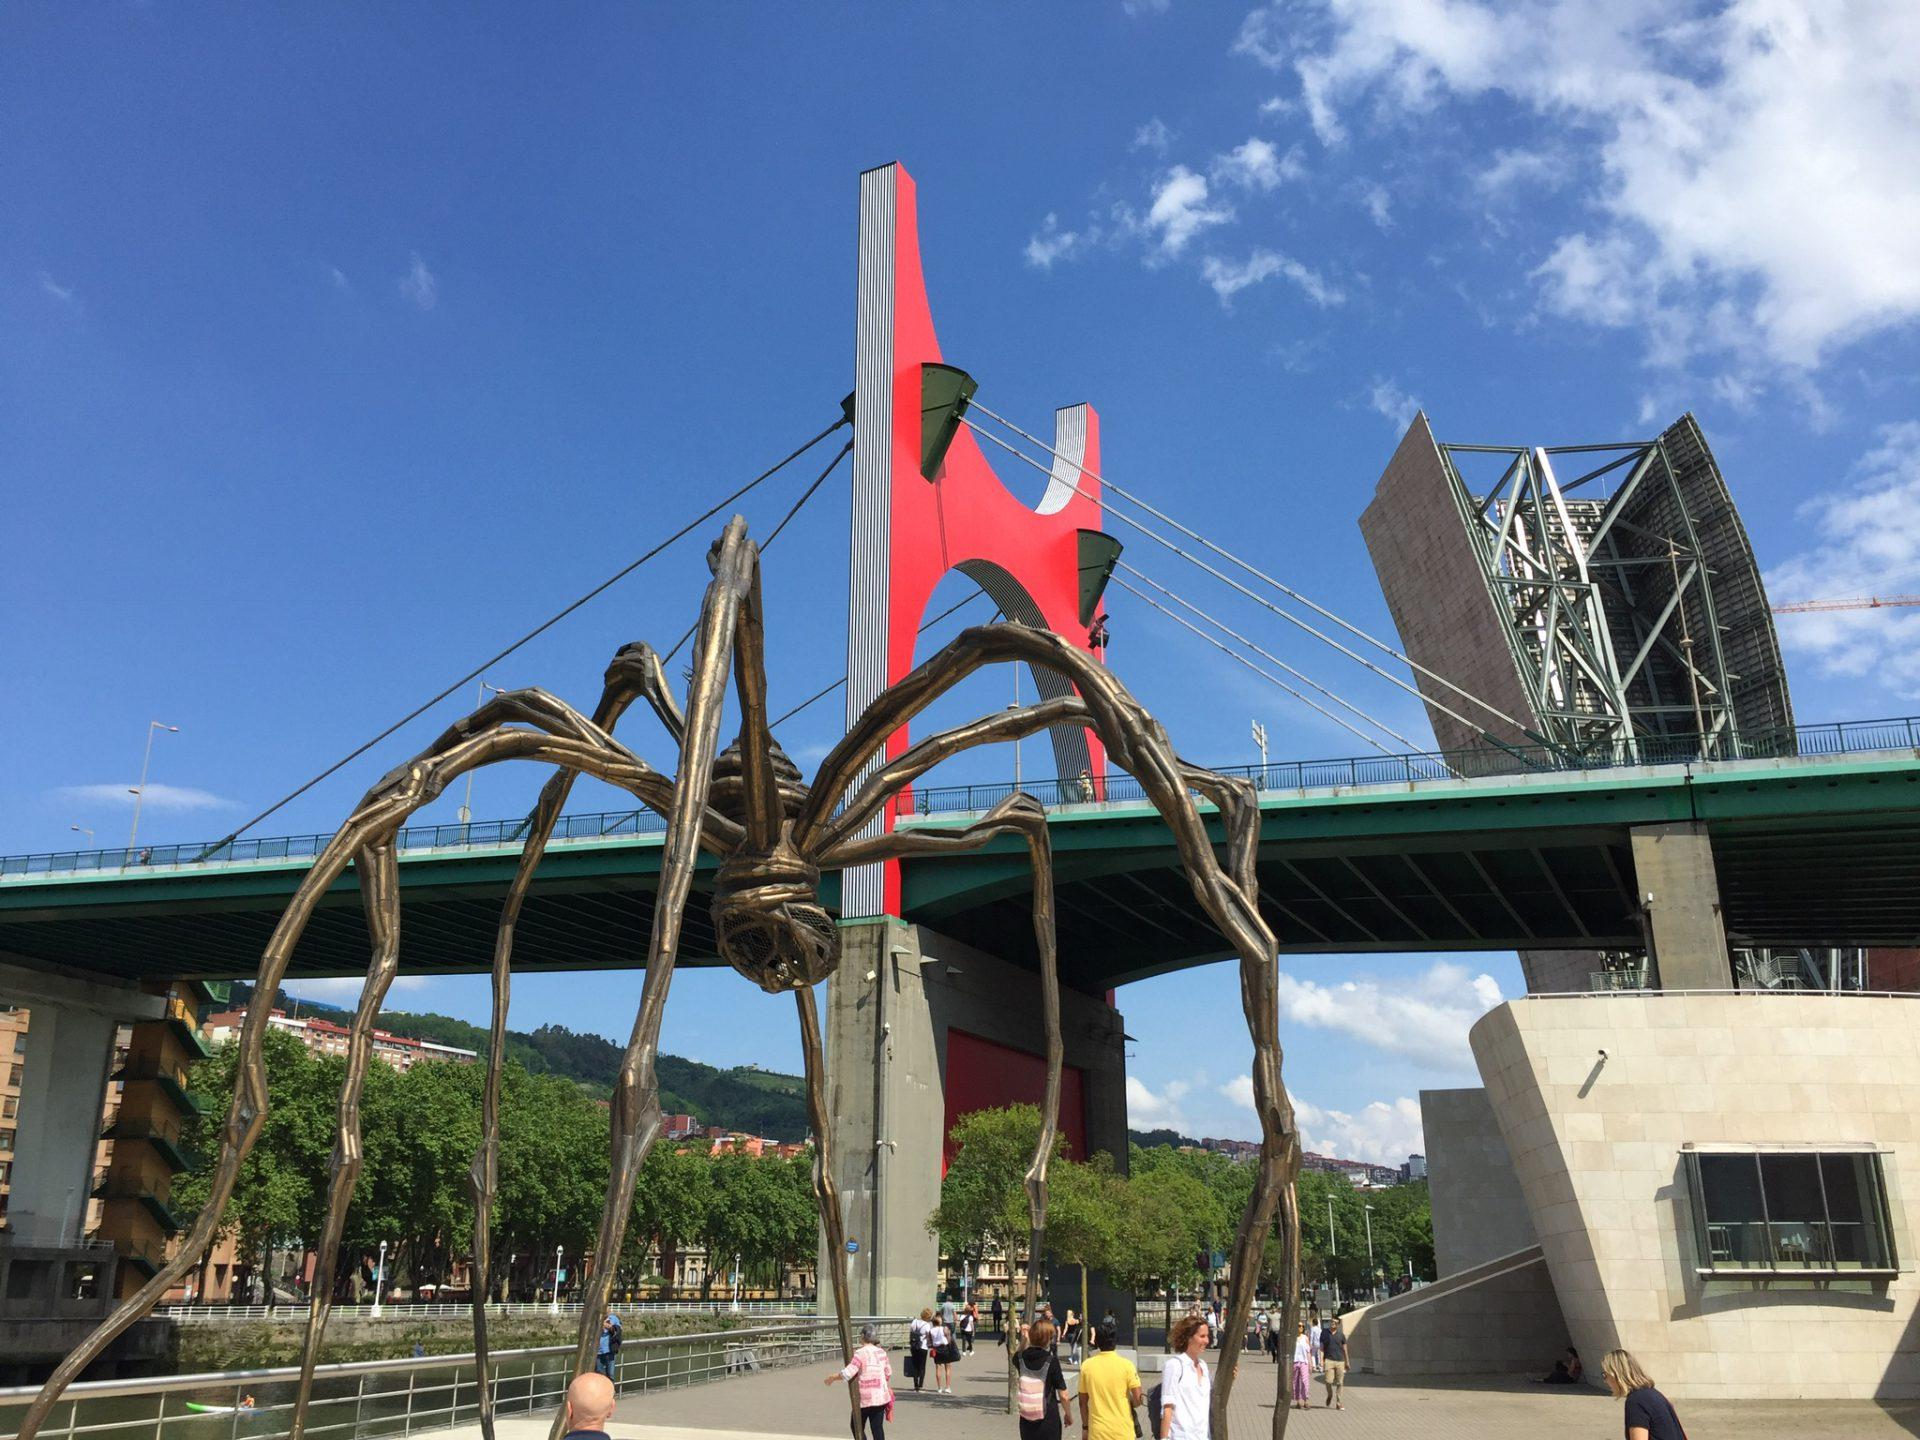 Der weltberühmte Mamman von dem Guggenheim Museum in Bilbao